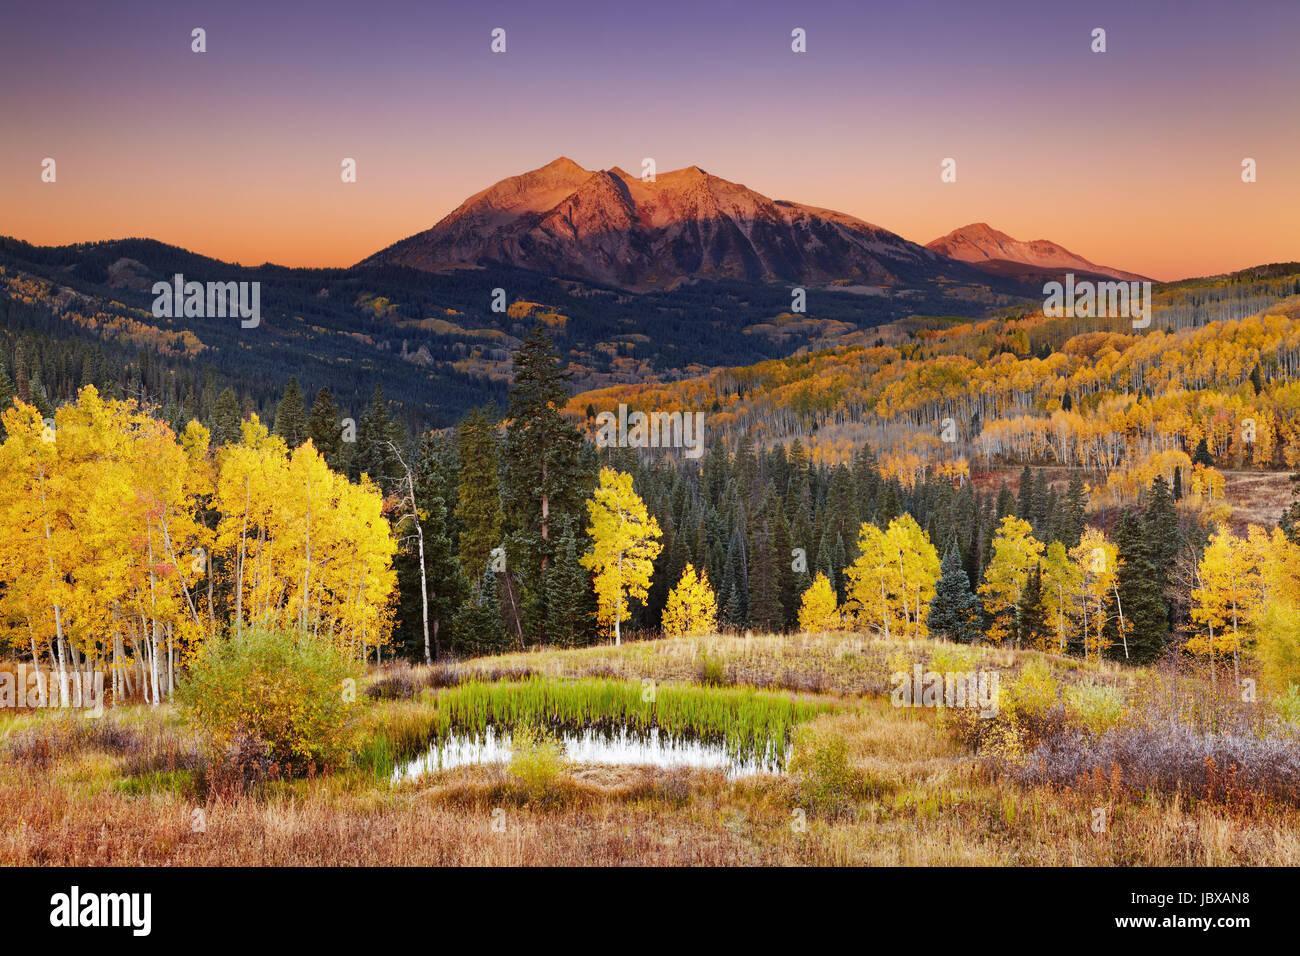 À l'est la montagne au lever du soleil près de Beckwith Kebler Pass in West Elk Mountains, Colorado, USA Banque D'Images